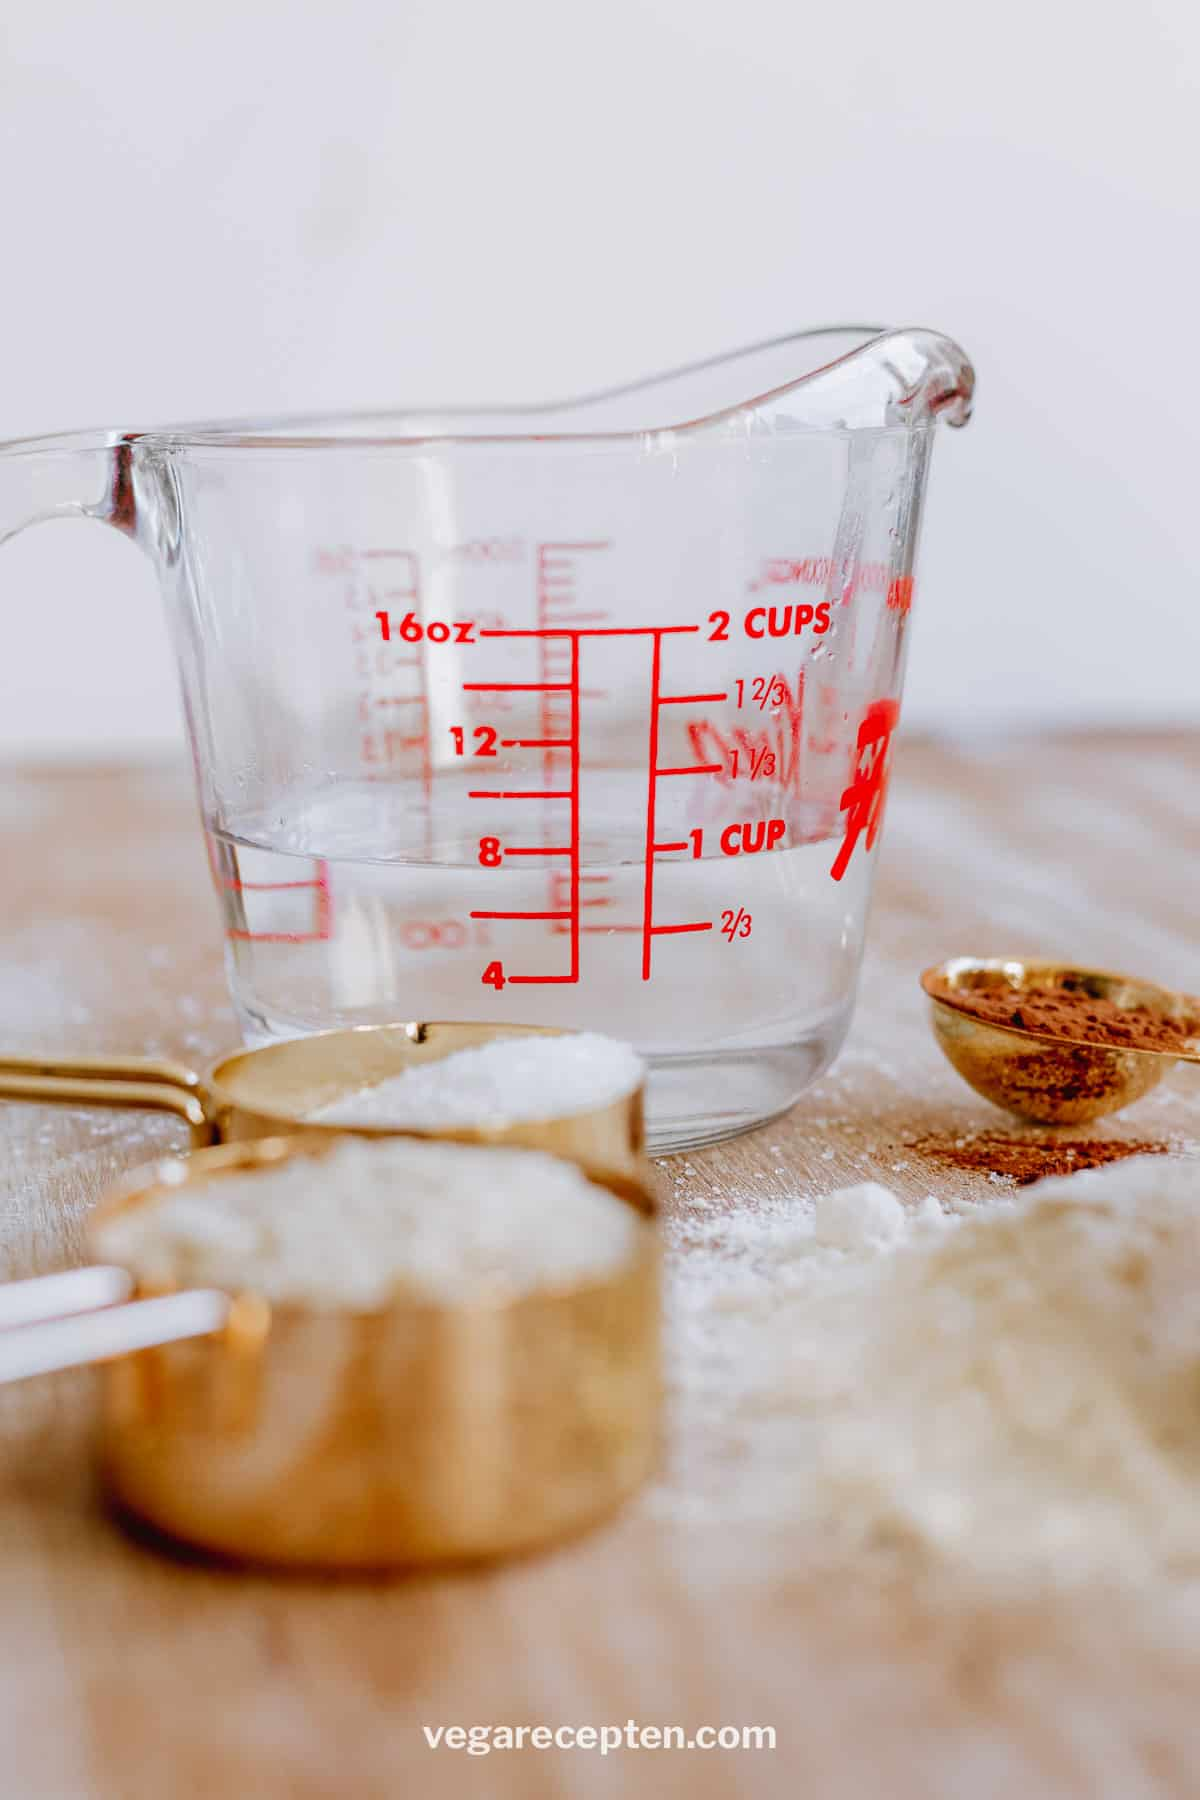 Cup naar milliliter omrekenen